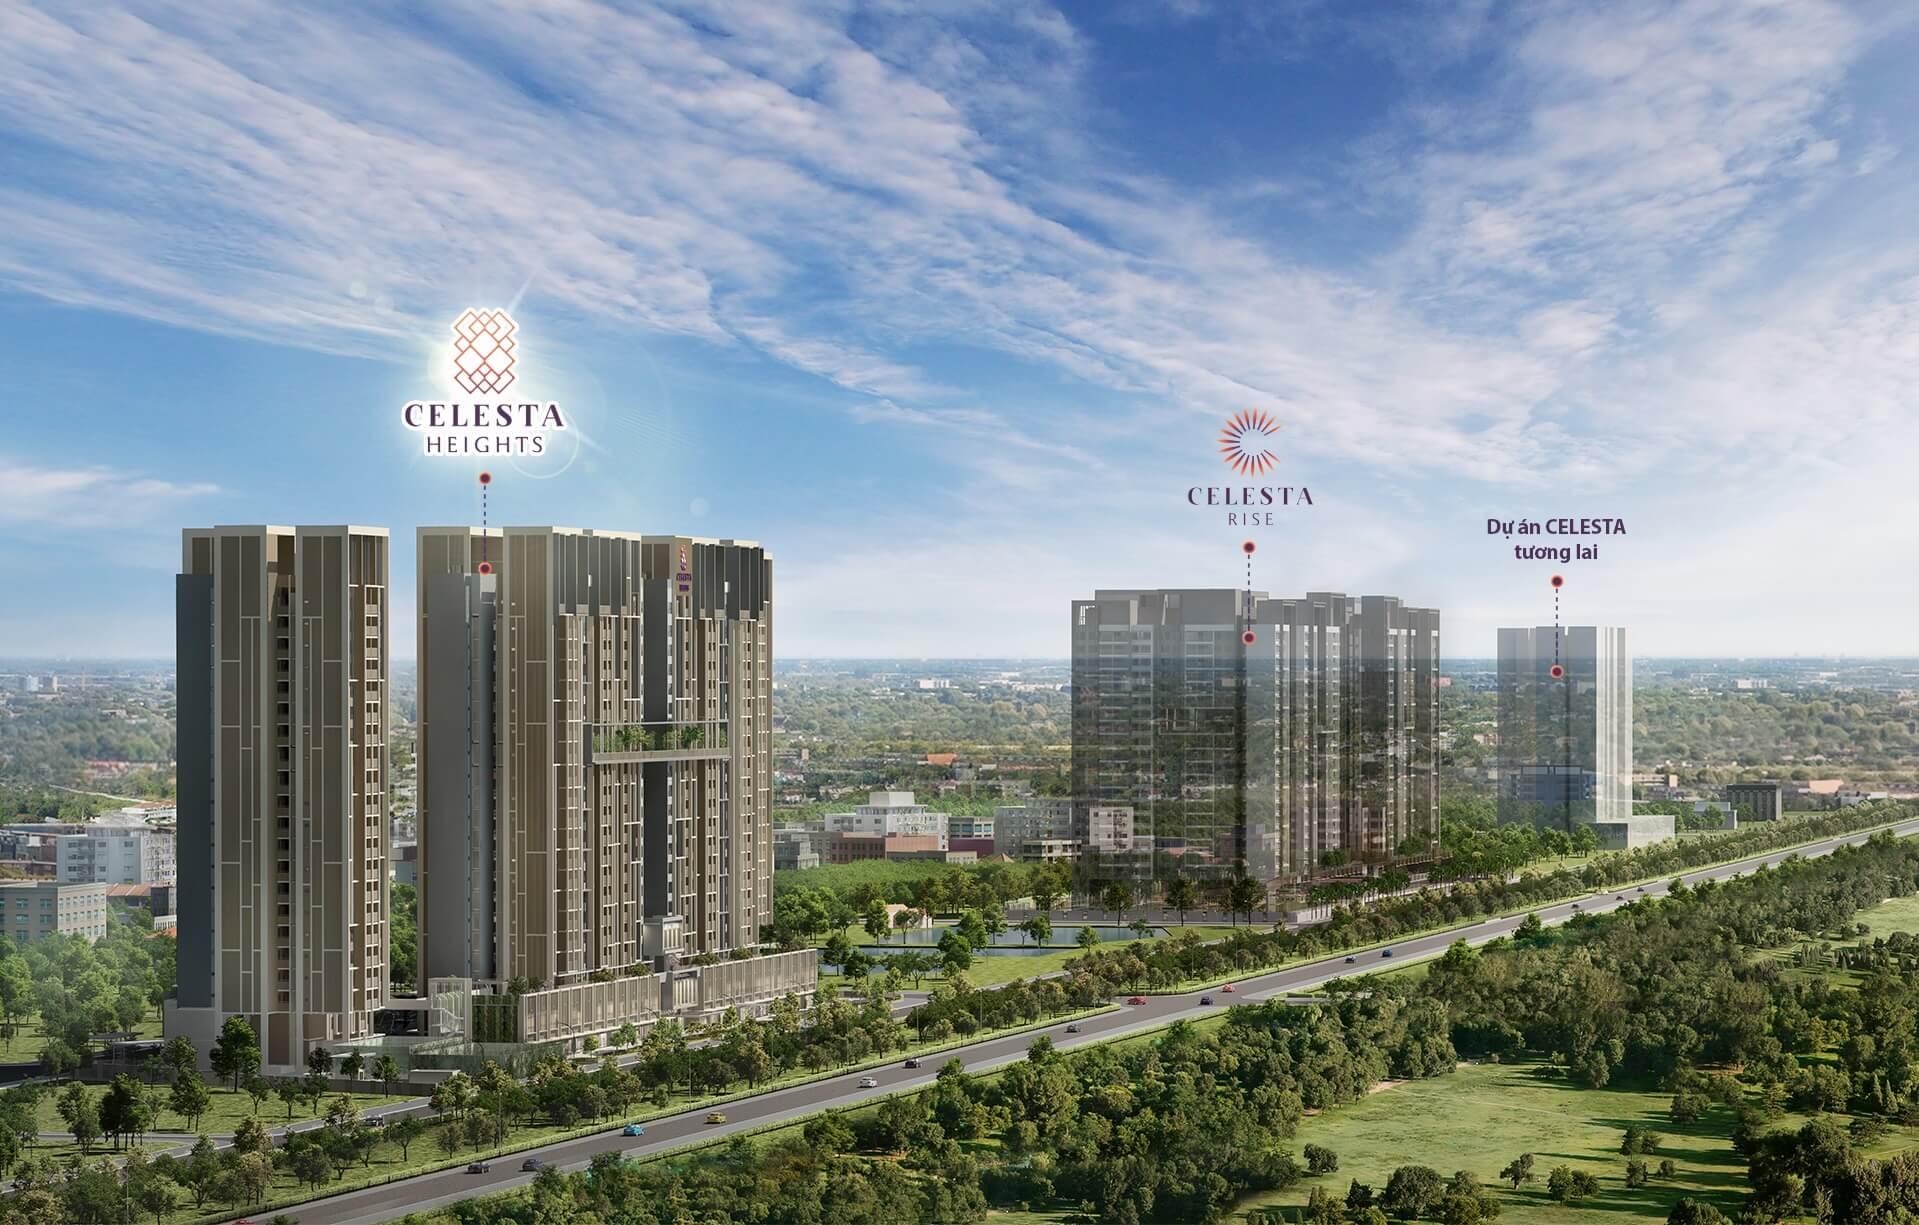 Dự án Celesta Heights 【Bảng Giá & CSBH Chi Tiết】